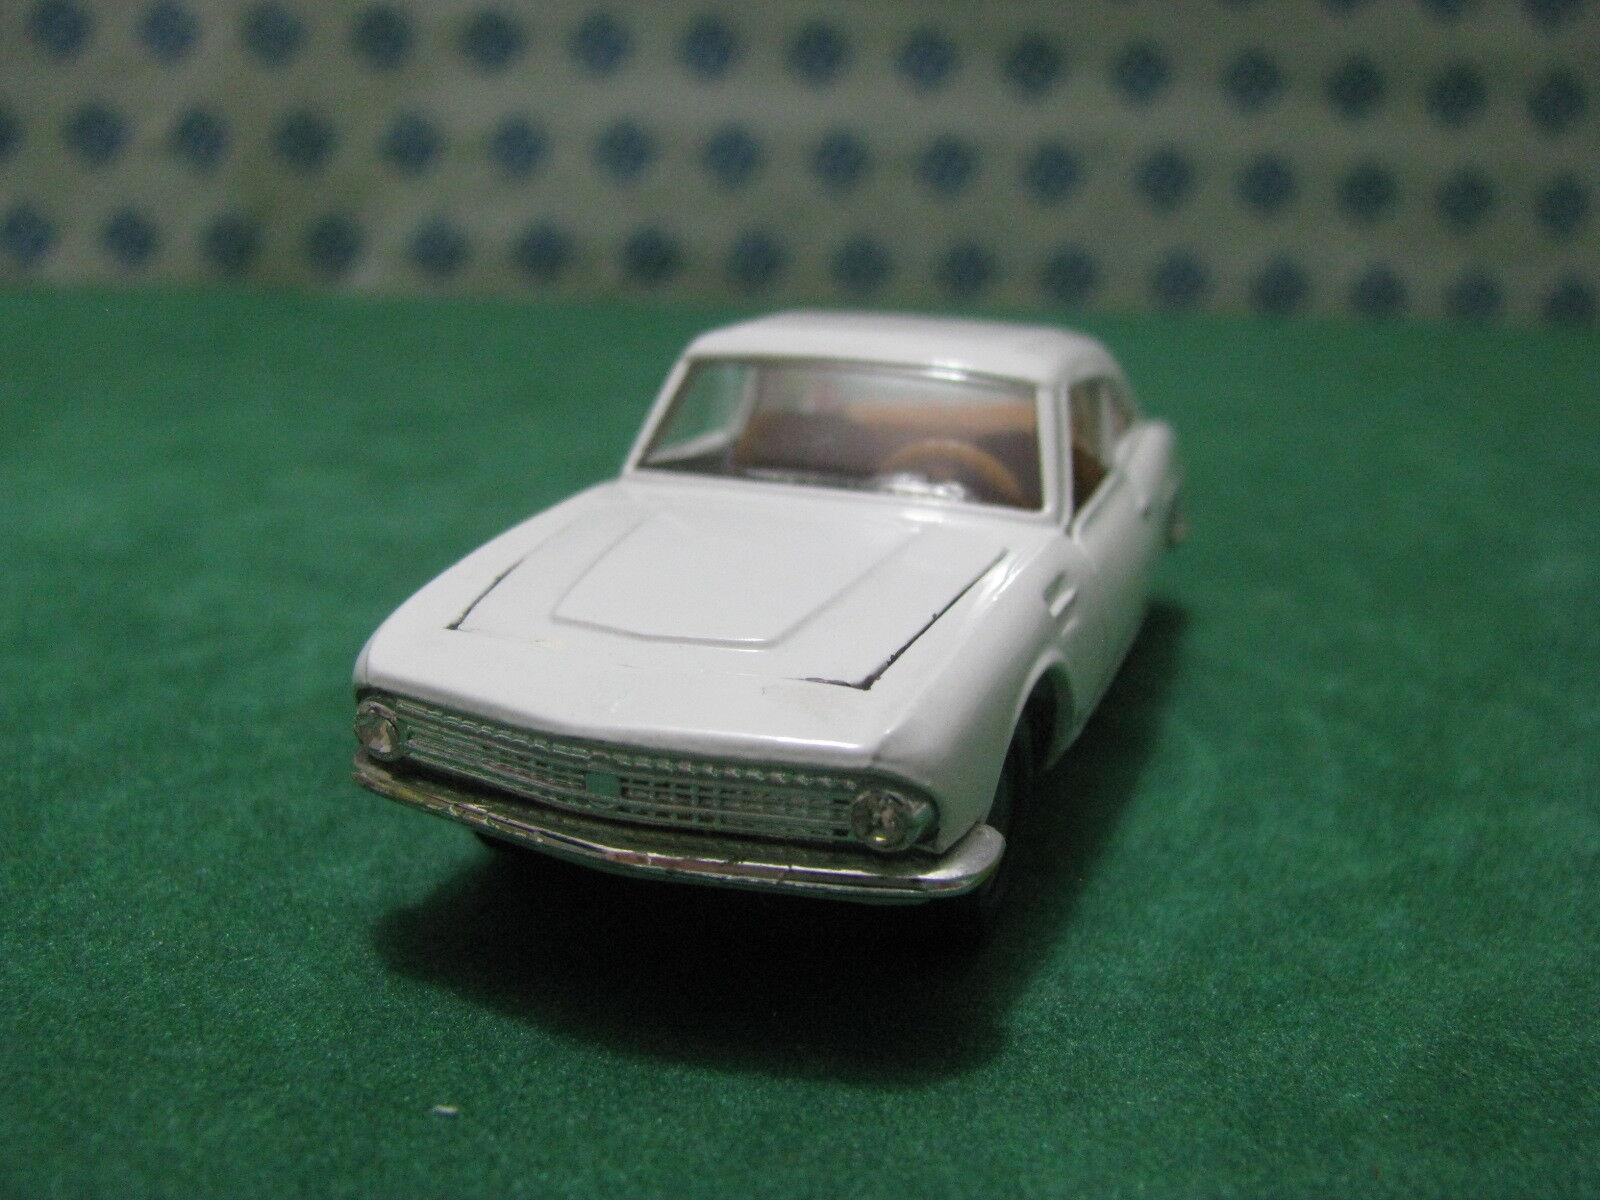 Vintage  -  FIAT OSI 1200 S coupè 1964    - 1 43  Politoys-M533